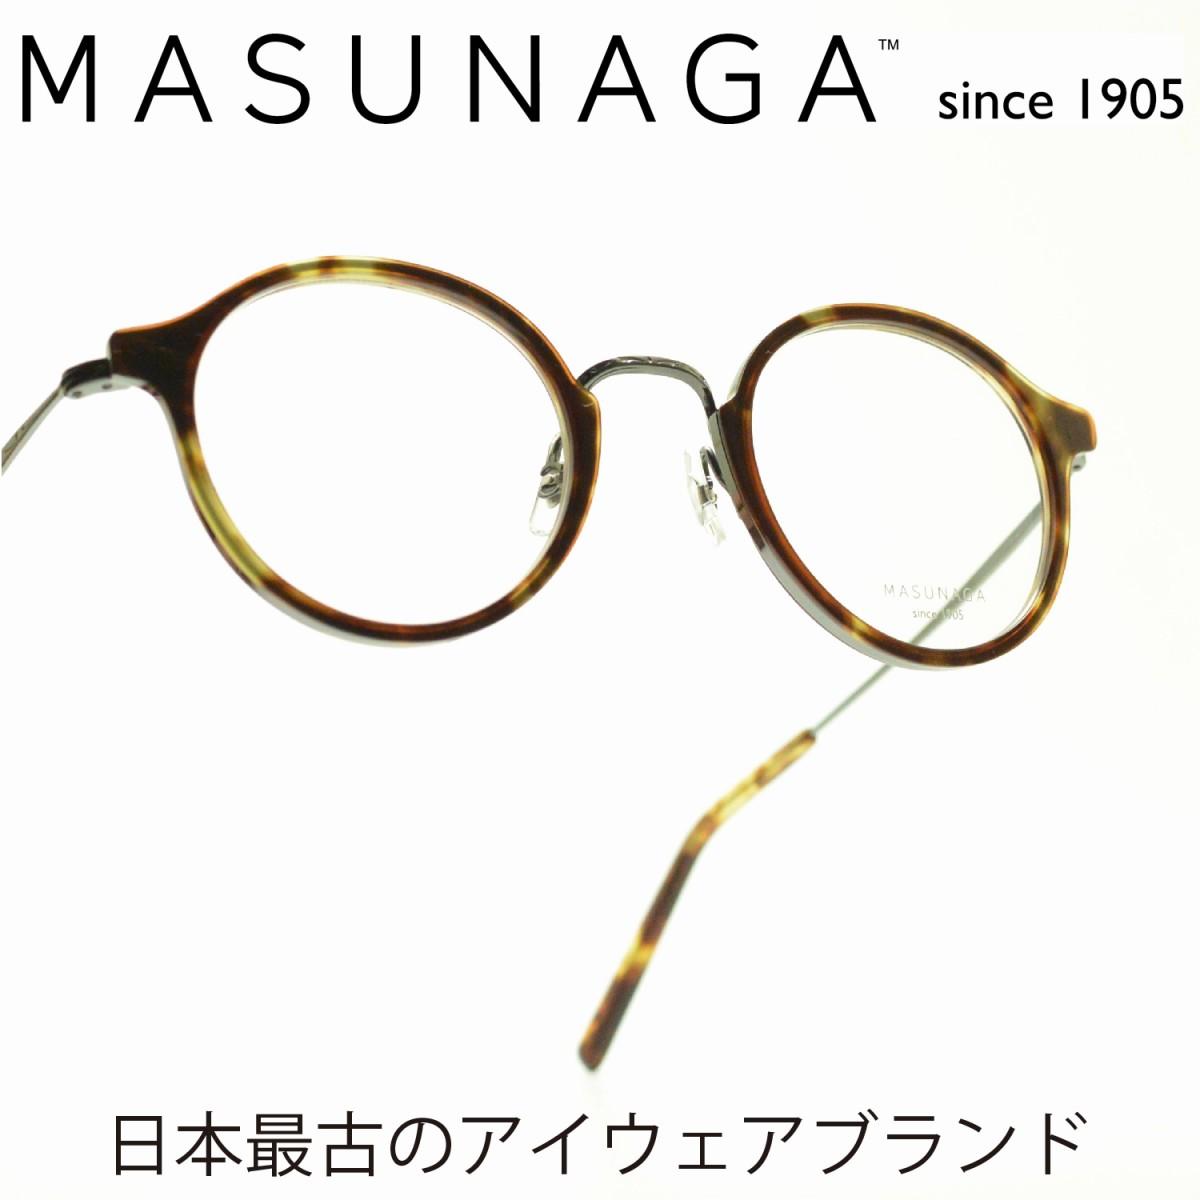 増永眼鏡 MASUNAGA GMS-826 col-34 DEMI/GRYメガネ 眼鏡 めがね メンズ レディース おしゃれ ブランド 人気 おすすめ フレーム 流行り 度付き レンズ